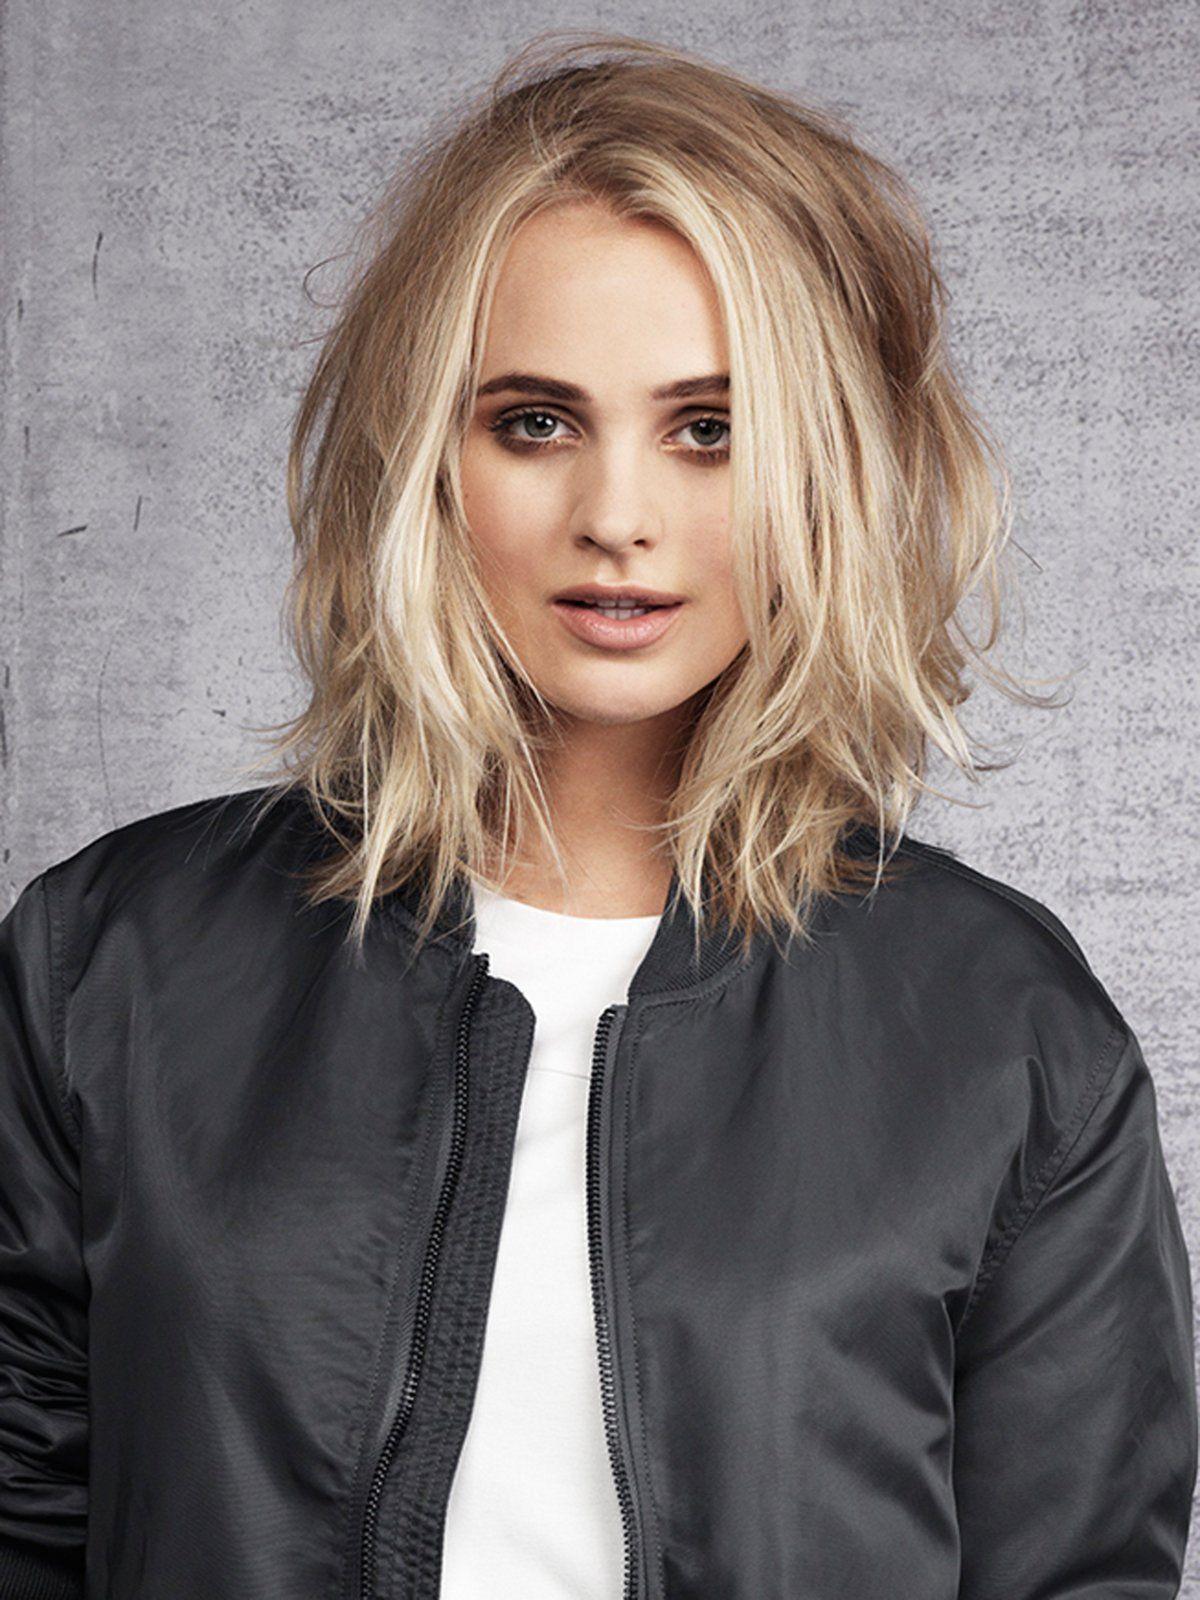 Haarschnitt 2019  Mittellange Frisurentrends 2019 Haare